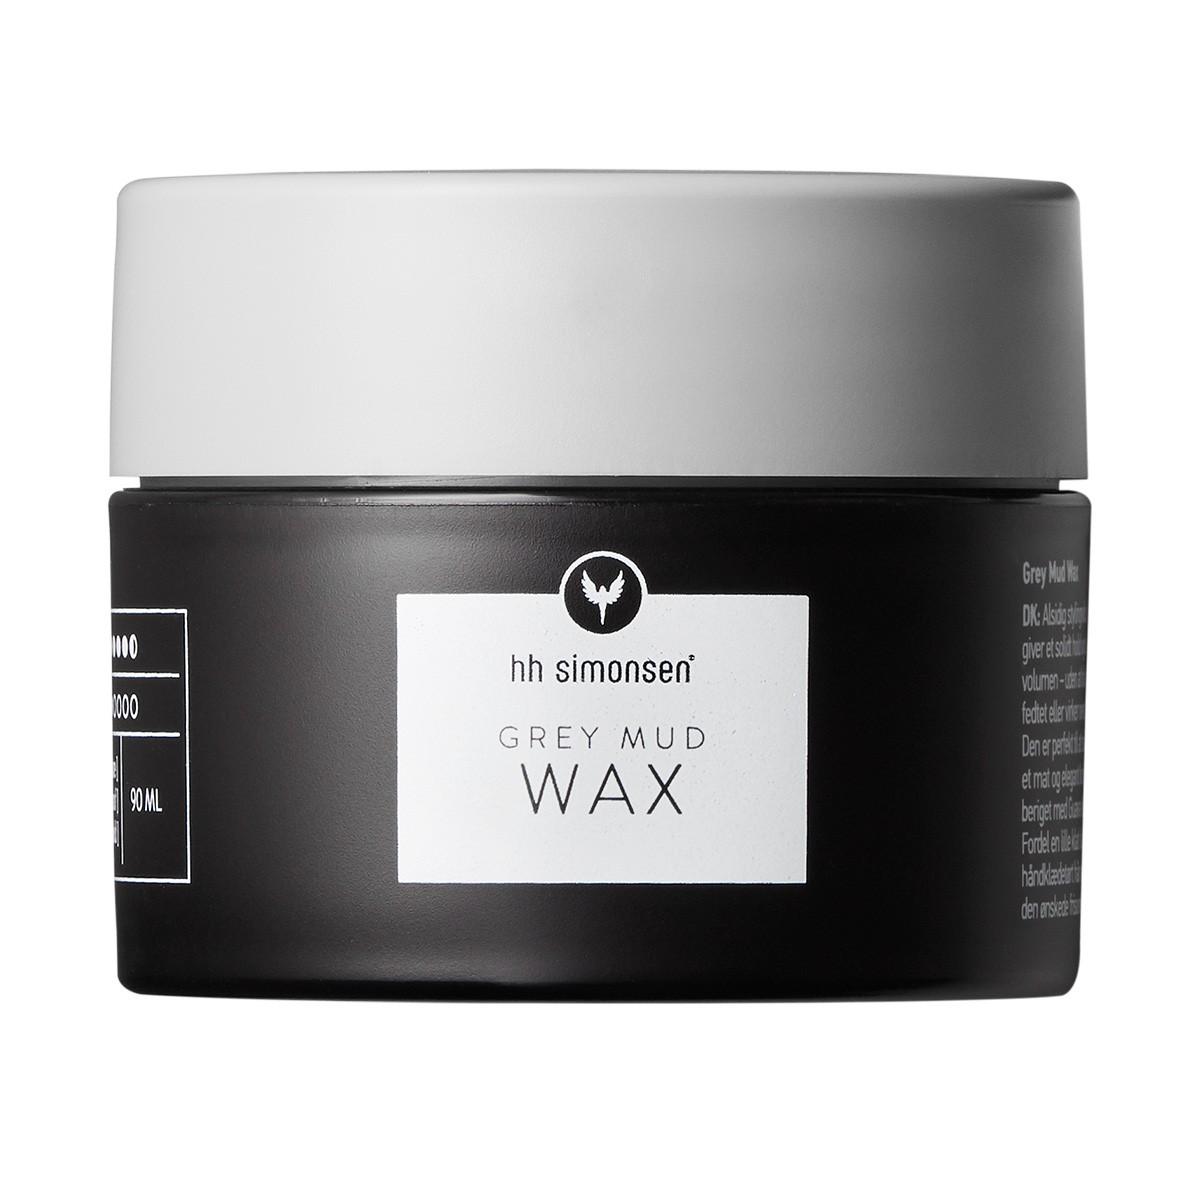 HH SIMONSEN Grey Mud Wax 90ml - Wosk do stylizacji włosów o elastycznej mocy utrwalenia